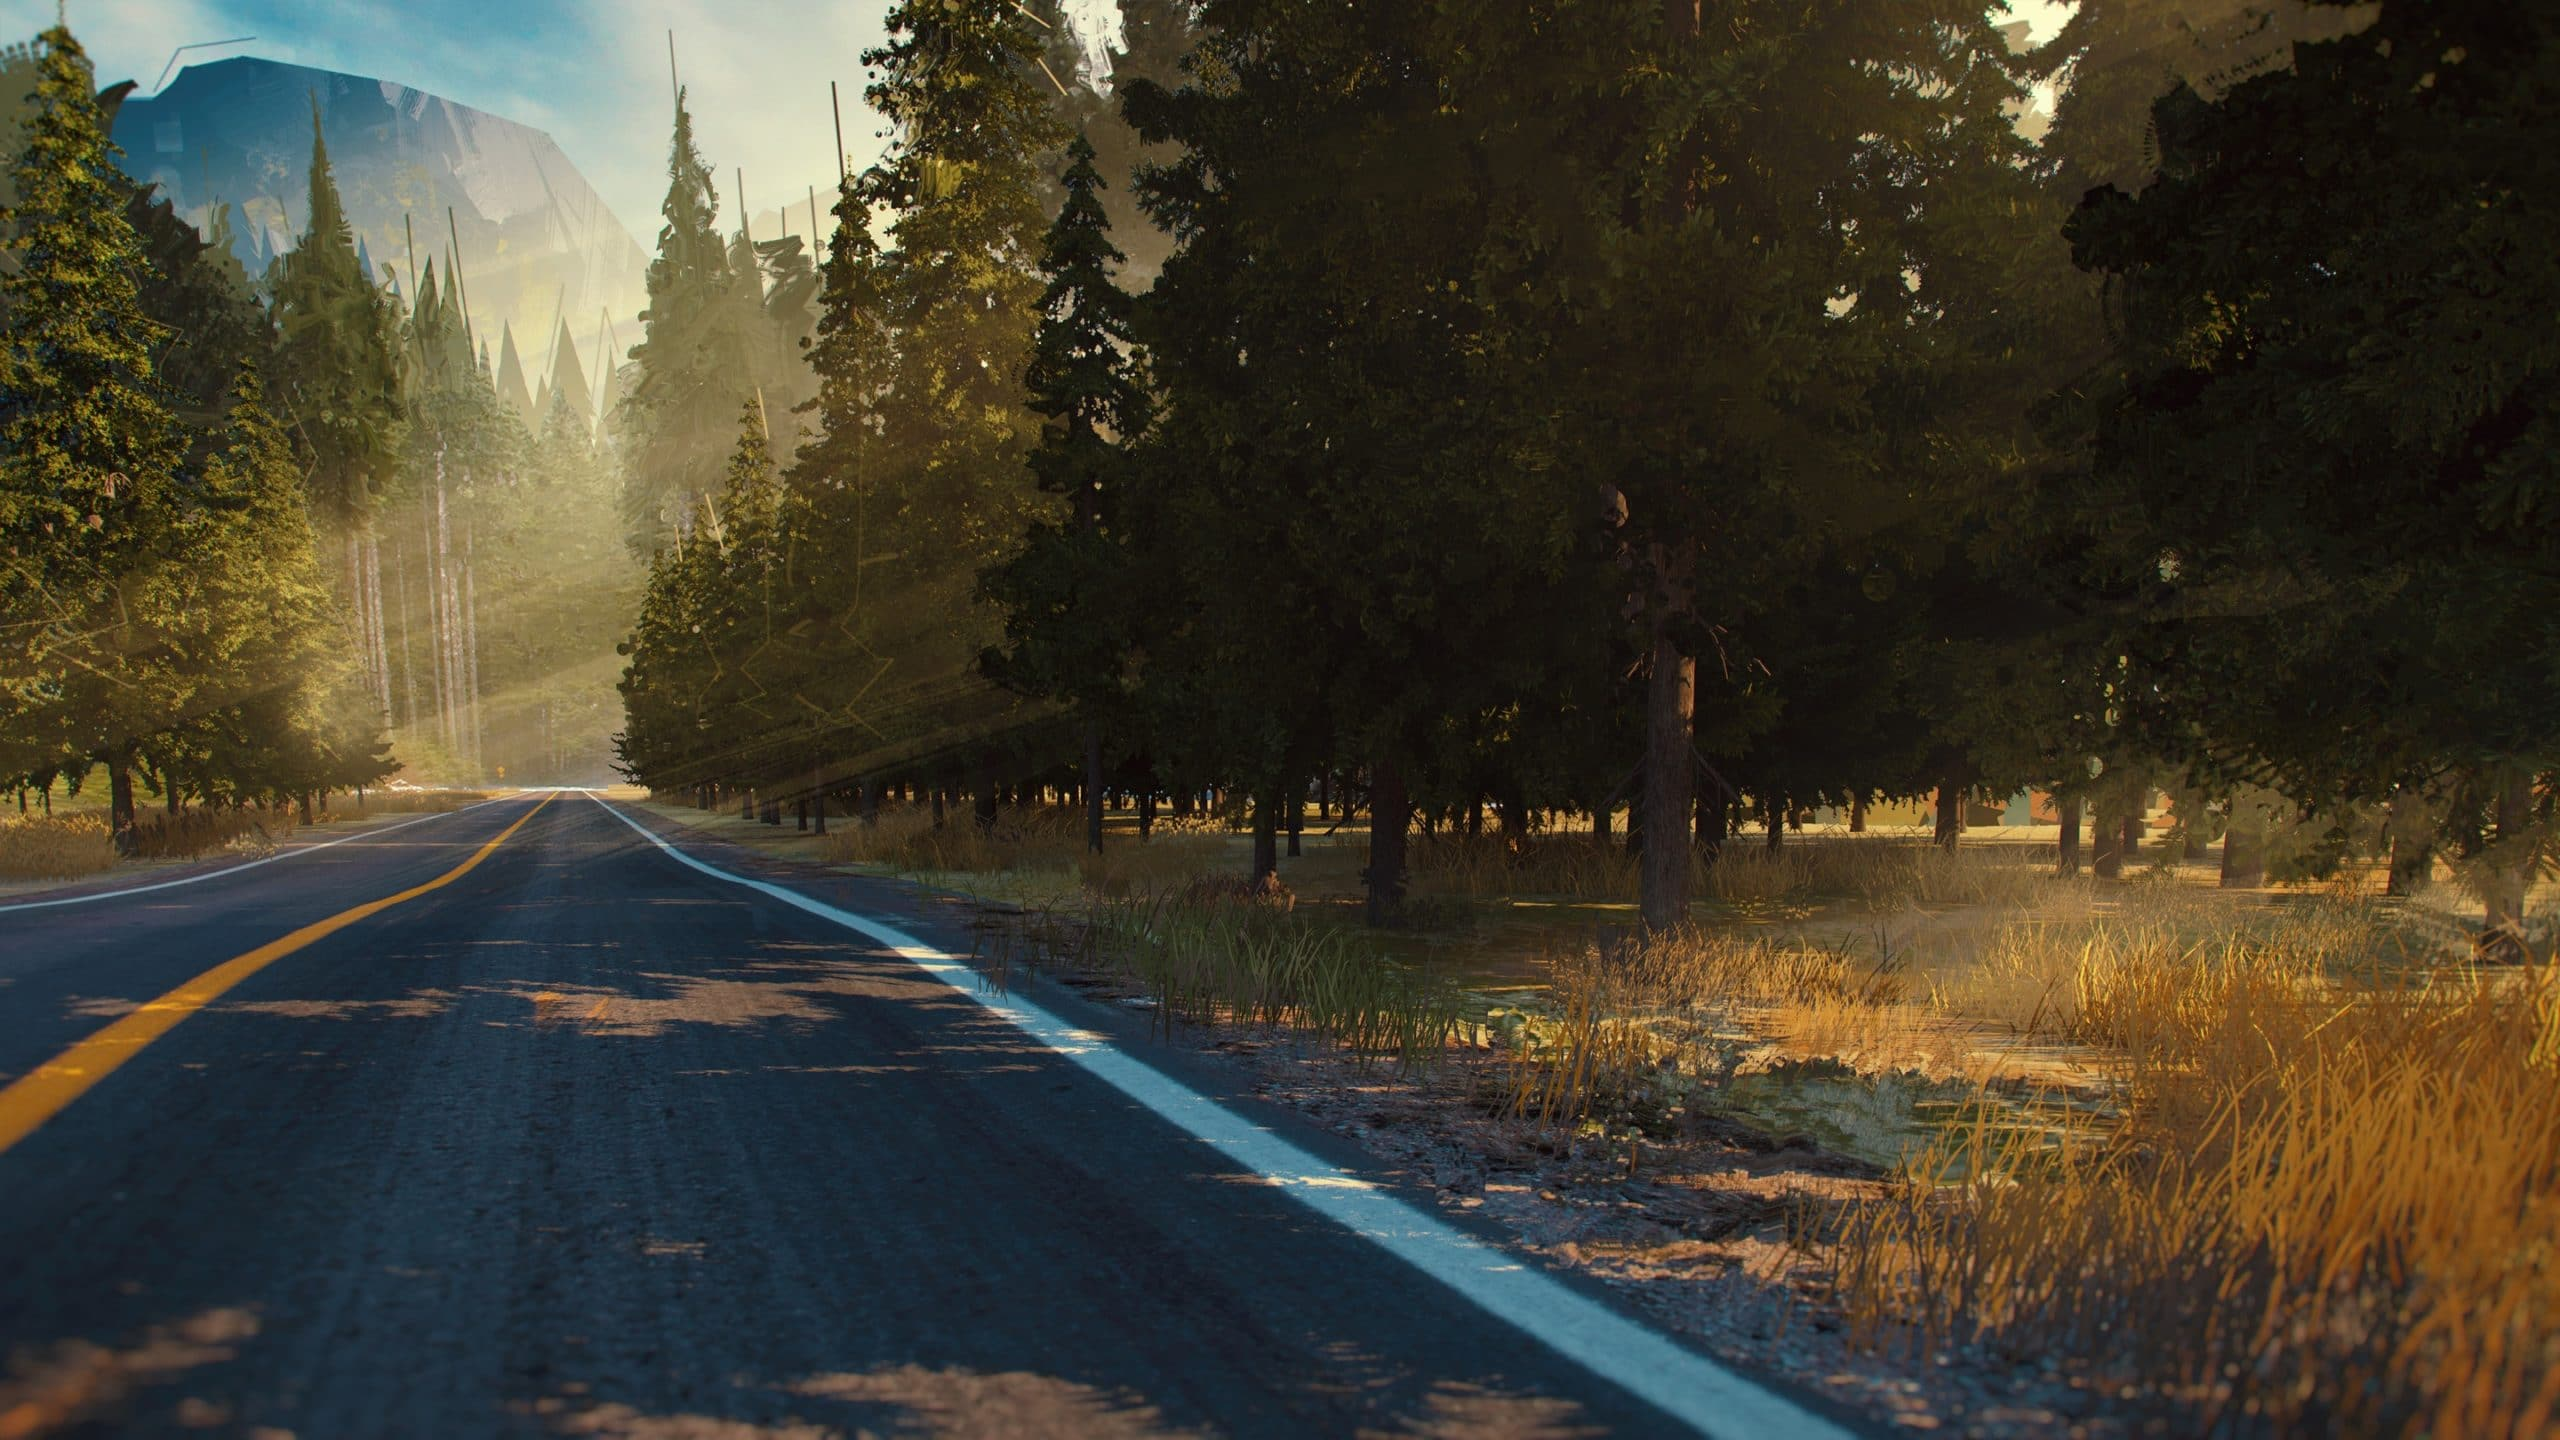 Vue d'une forêt du scénario Fallen Road du jeu Is It Love